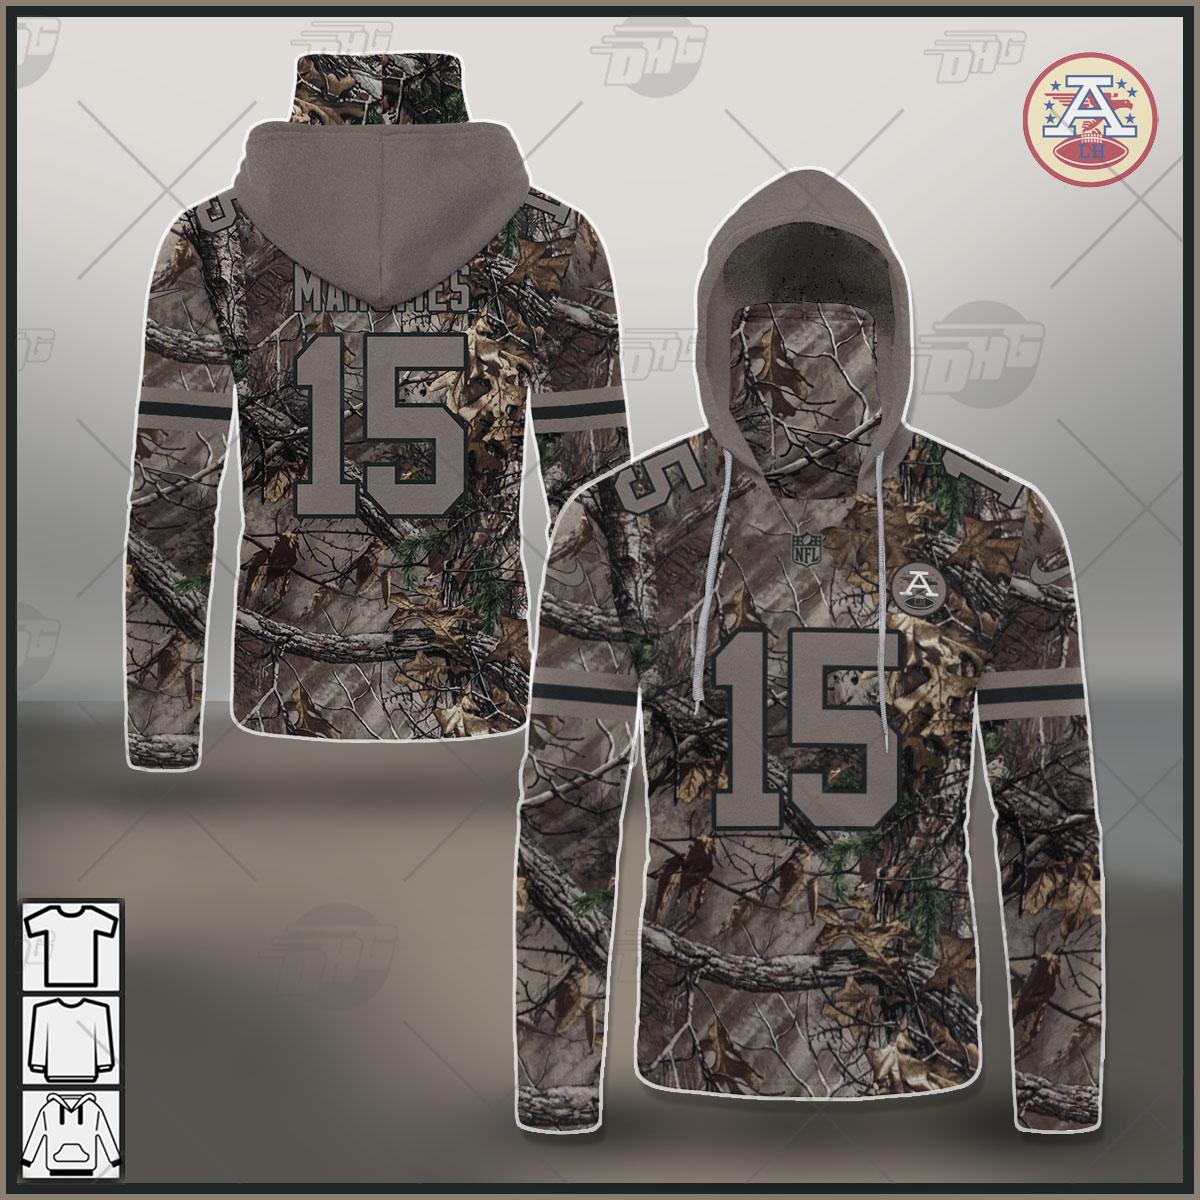 Custom NFL Kansas City Chiefs Camo Patrick Mahomes Jersey Clothes Hunting